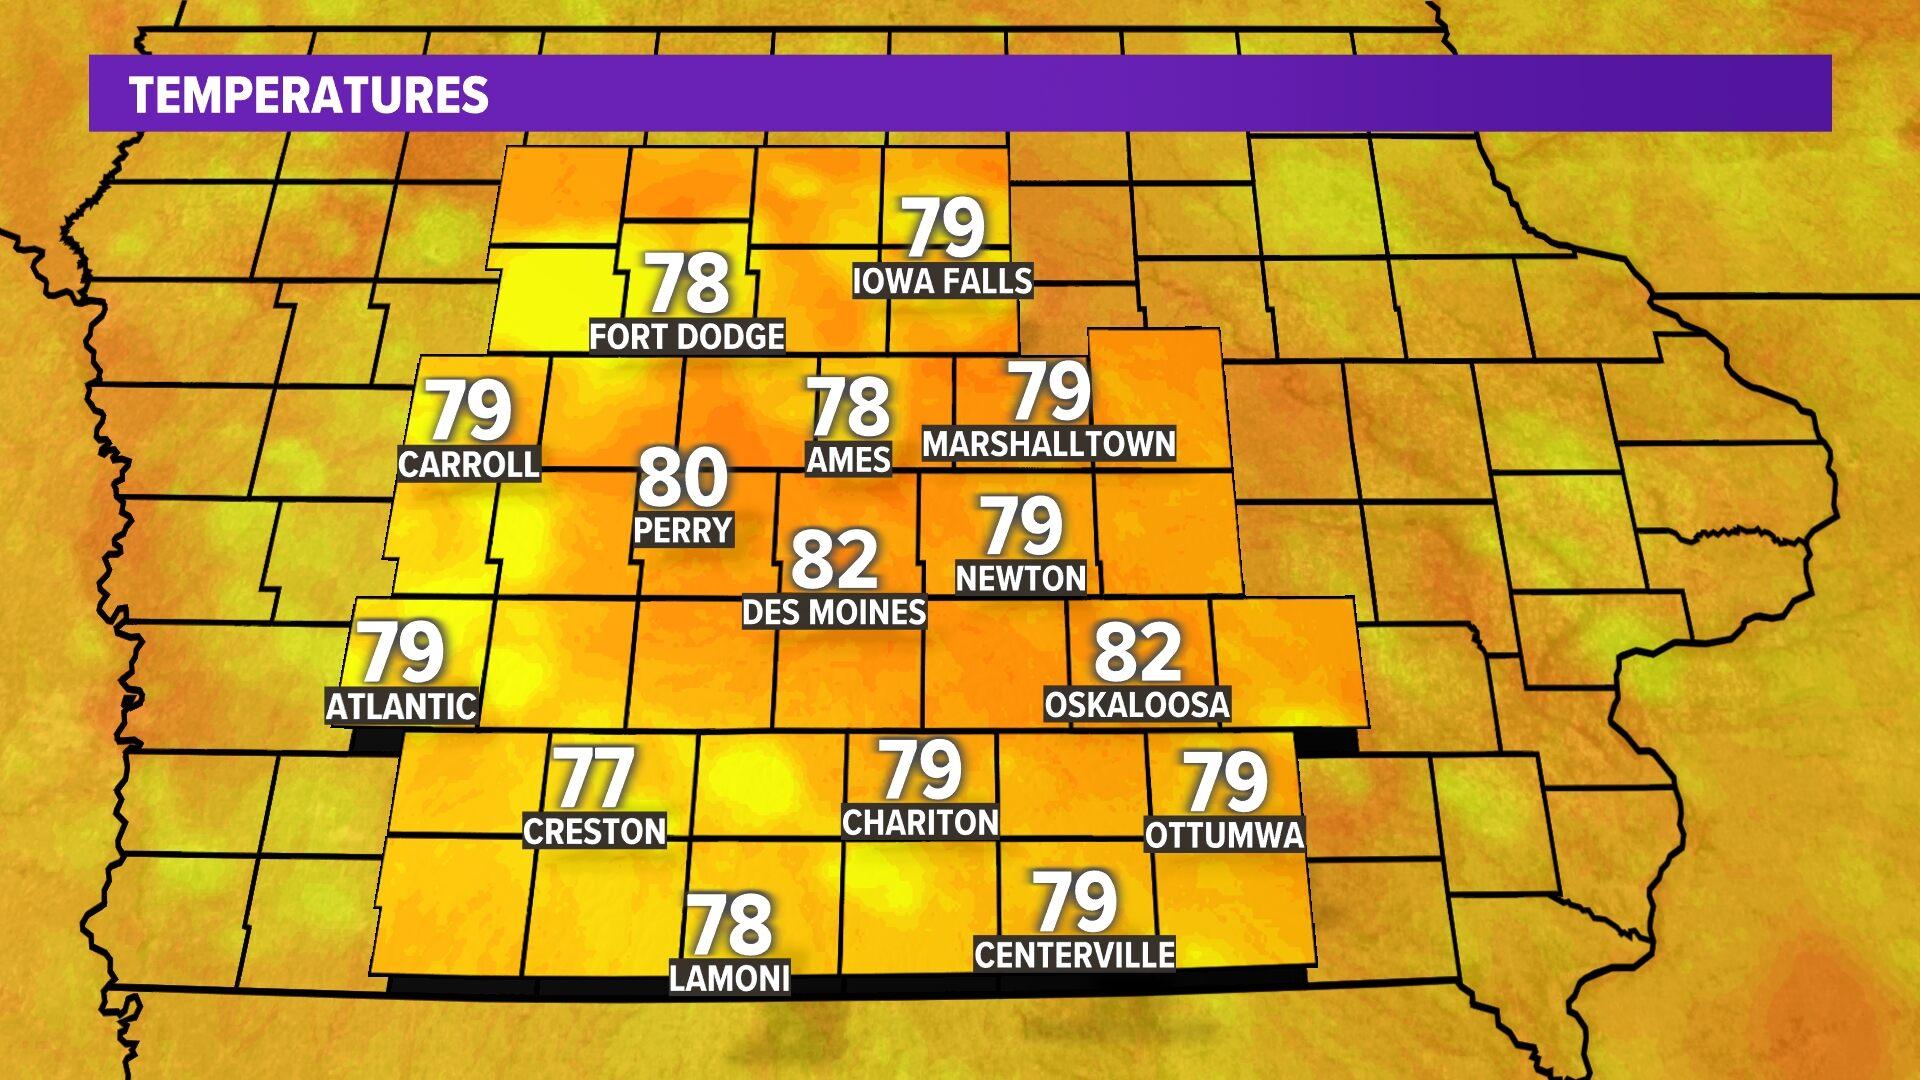 Central Iowa Temperatures